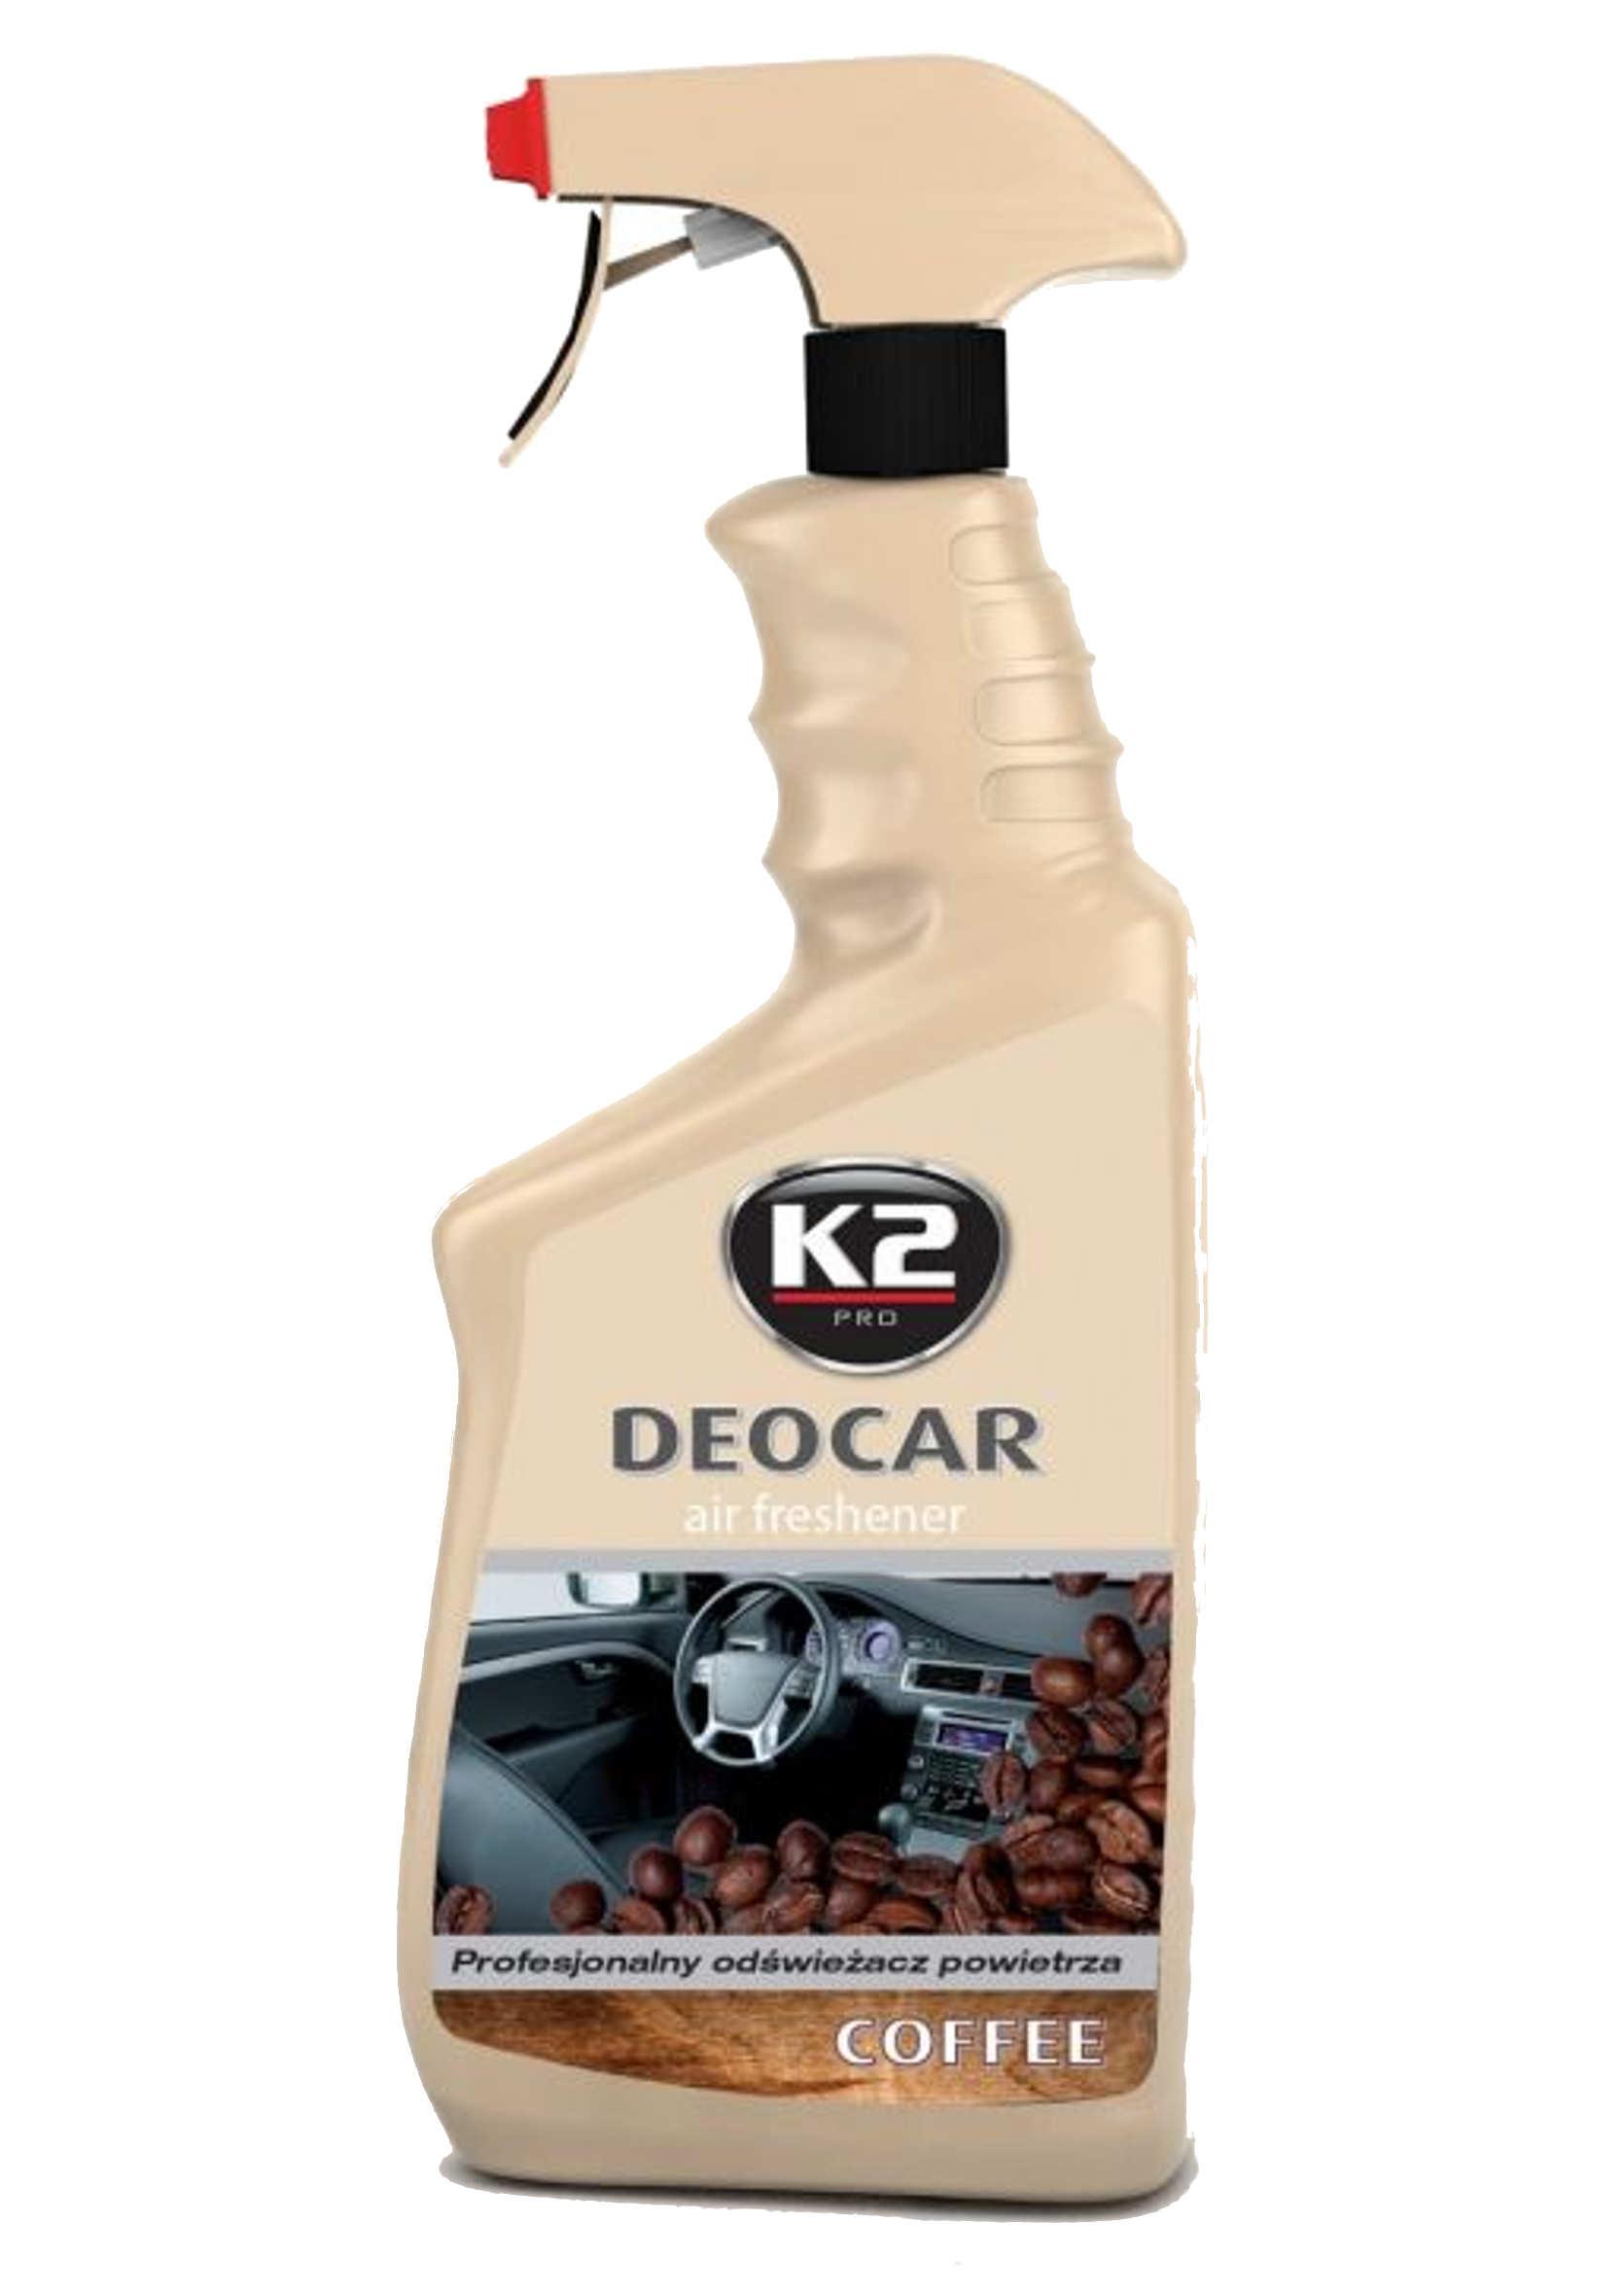 K2 Deocar Coffee Zapach Samochodowy w Atomizerze 700ml